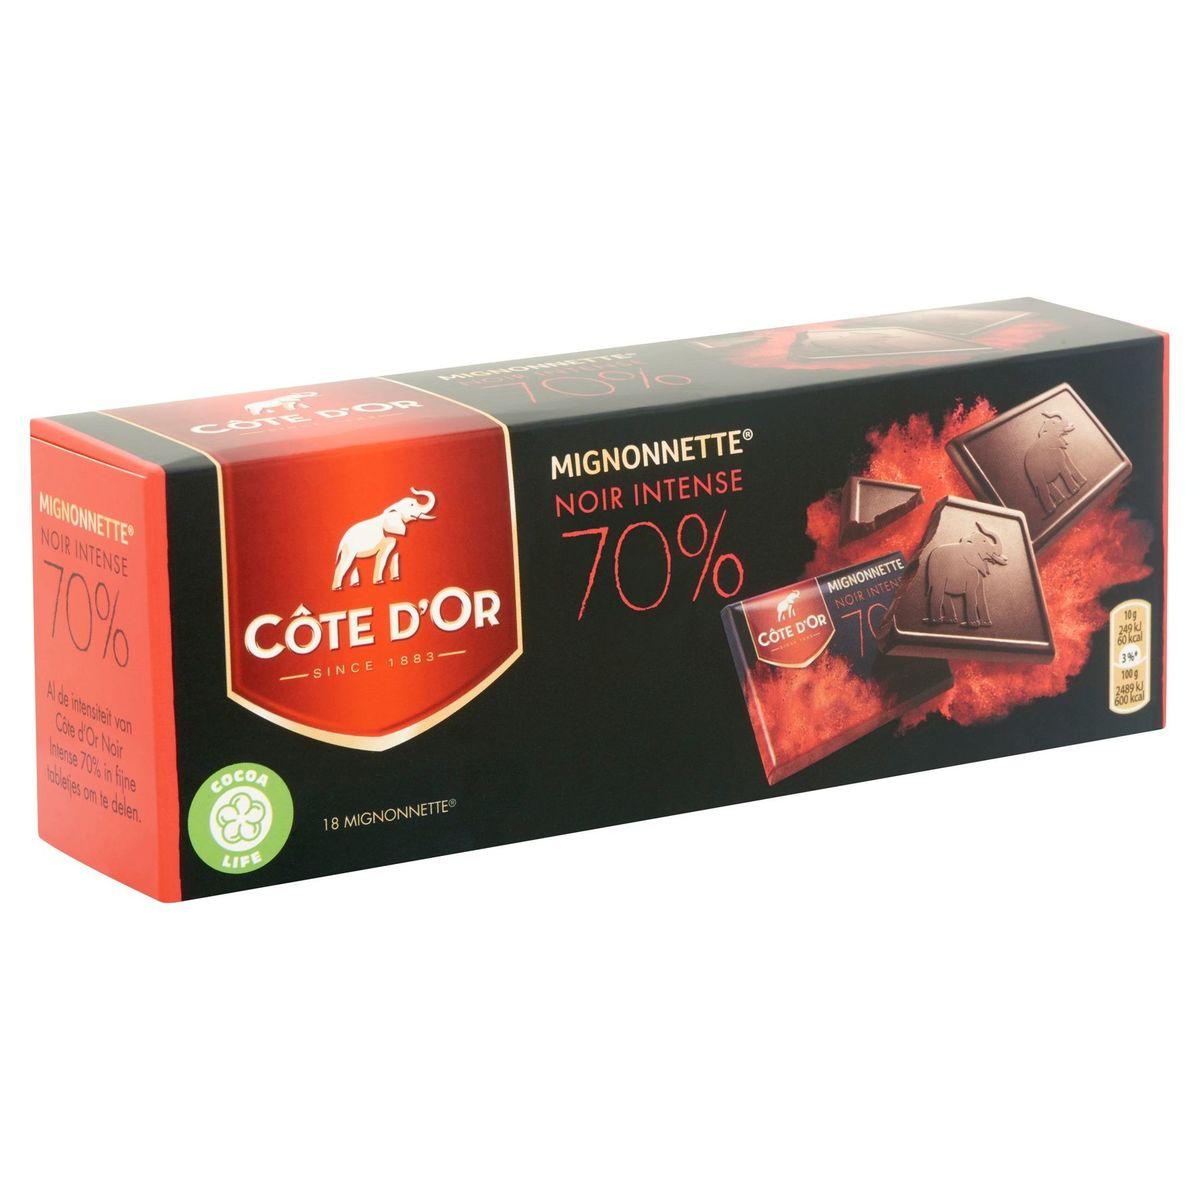 Côte d'Or Mignonnette Noir Intense 70% 18 Pièces 180 g